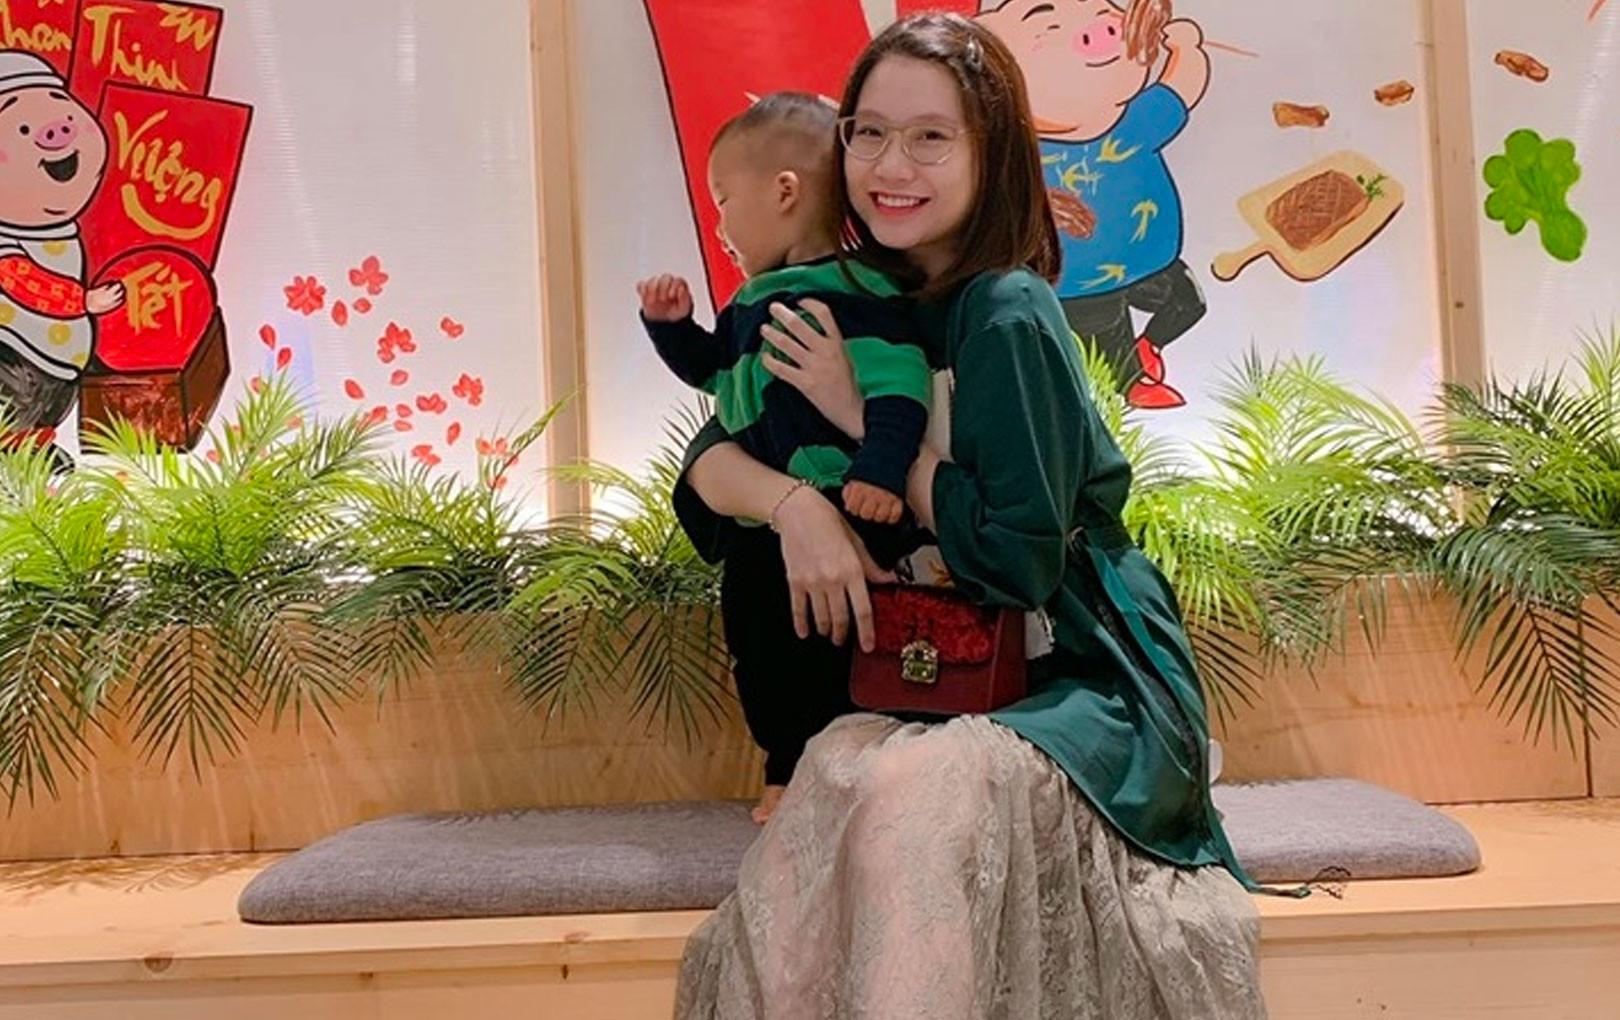 """Sau ồn ào chuyện gia đình, hot mom Thanh Trần """"tái xuất"""" với chiếc bụng bầu 5 tháng"""